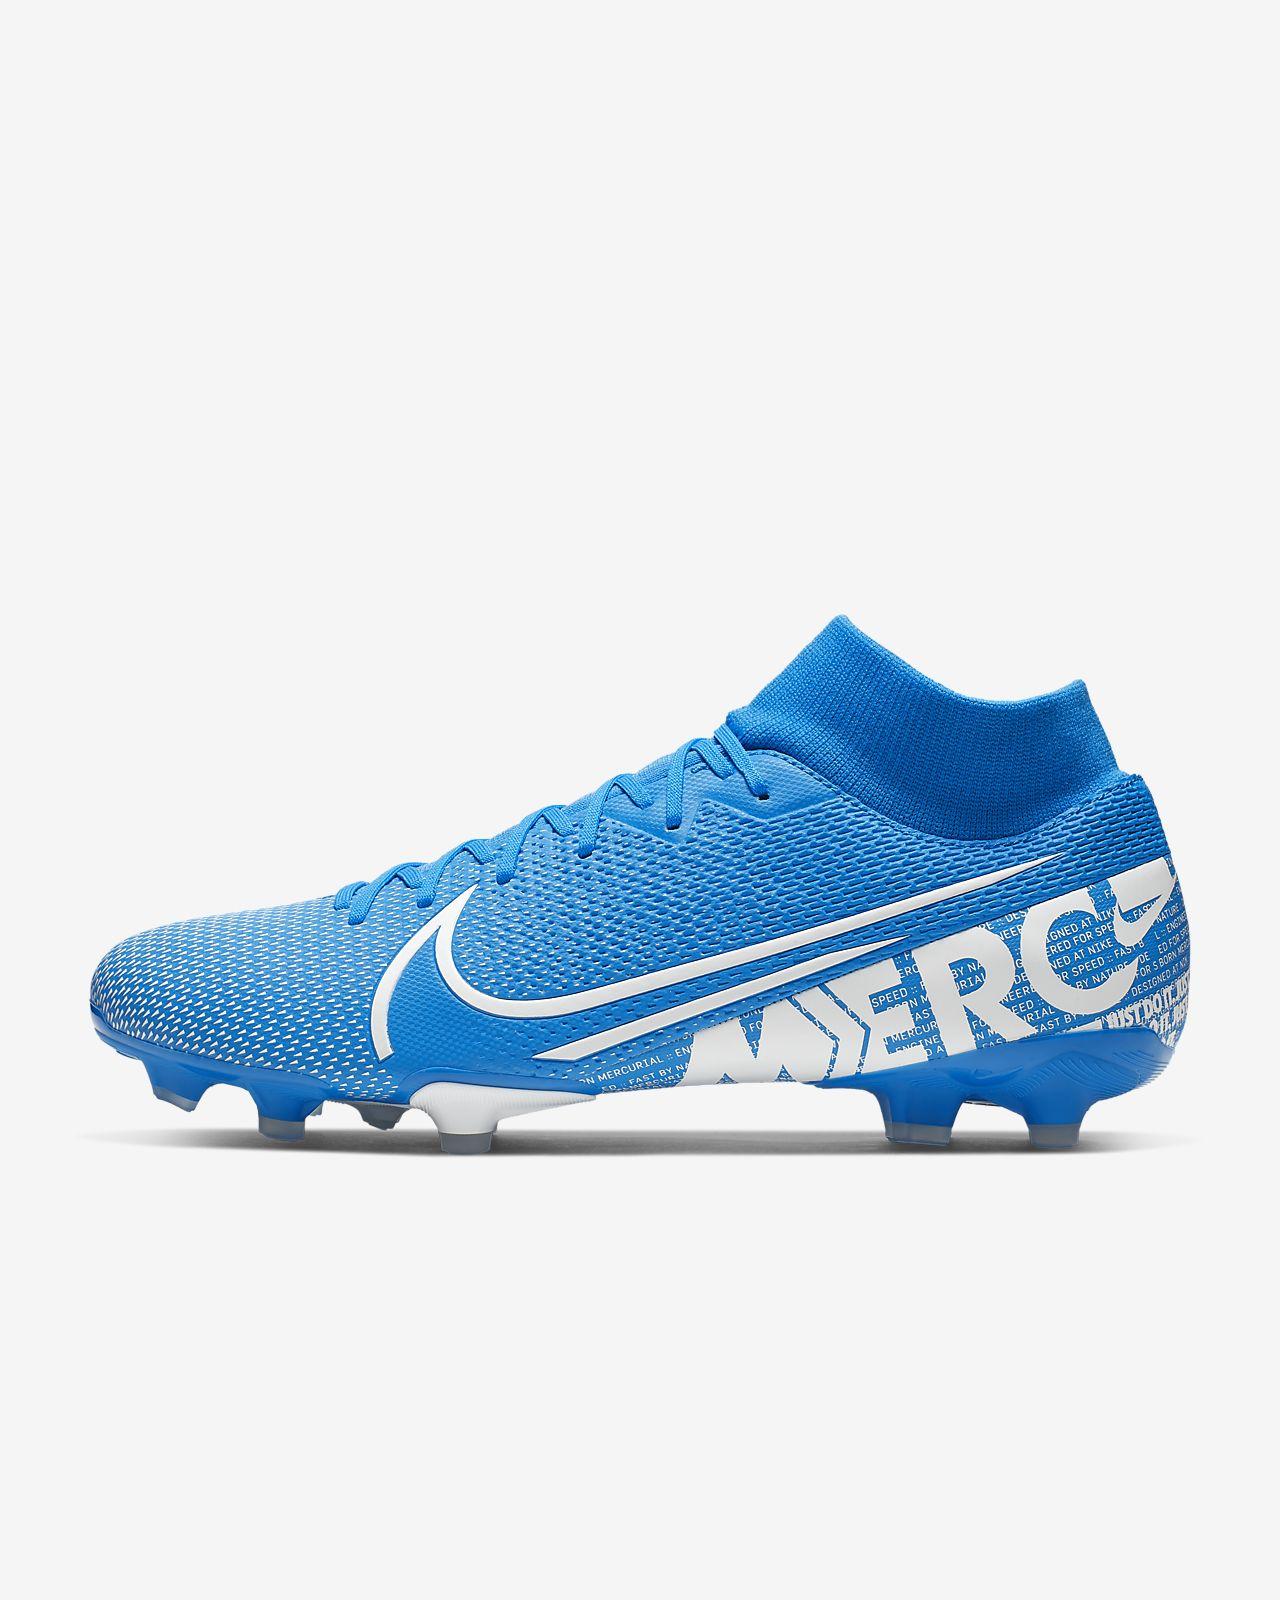 Ποδοσφαιρικό παπούτσι για διαφορετικές επιφάνειες Nike Mercurial Superfly 7 Academy MG